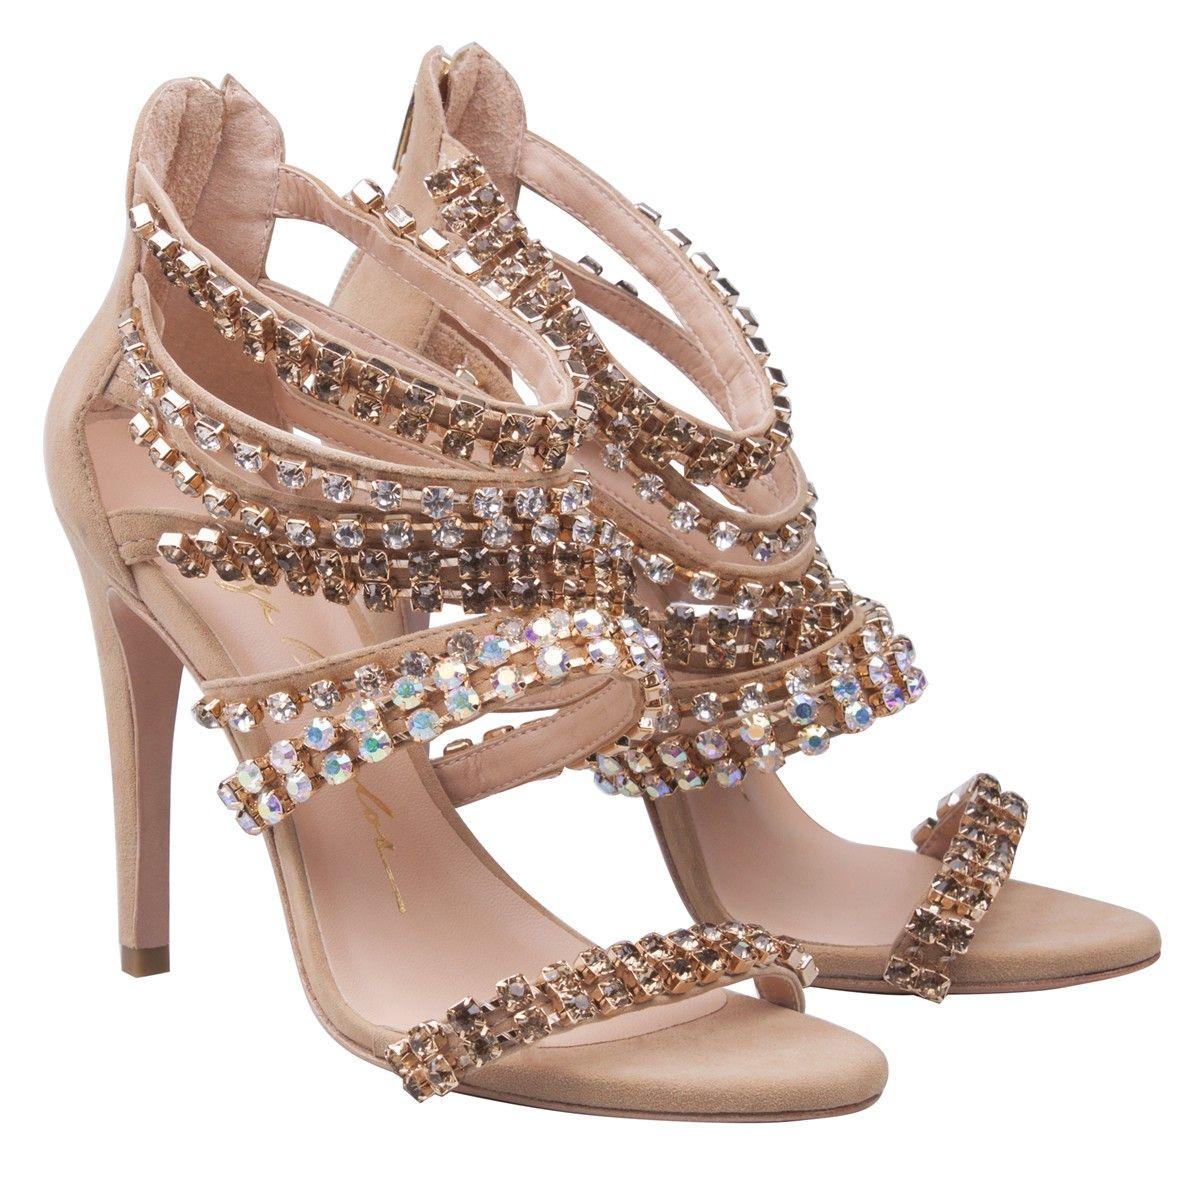 5a785fc93 SANDÁLIA SALTO ALTO NUDE COM PEDRAS - LuizaBarcelos Comprar Sapatos, Meia  Calça, Sandalia Salto